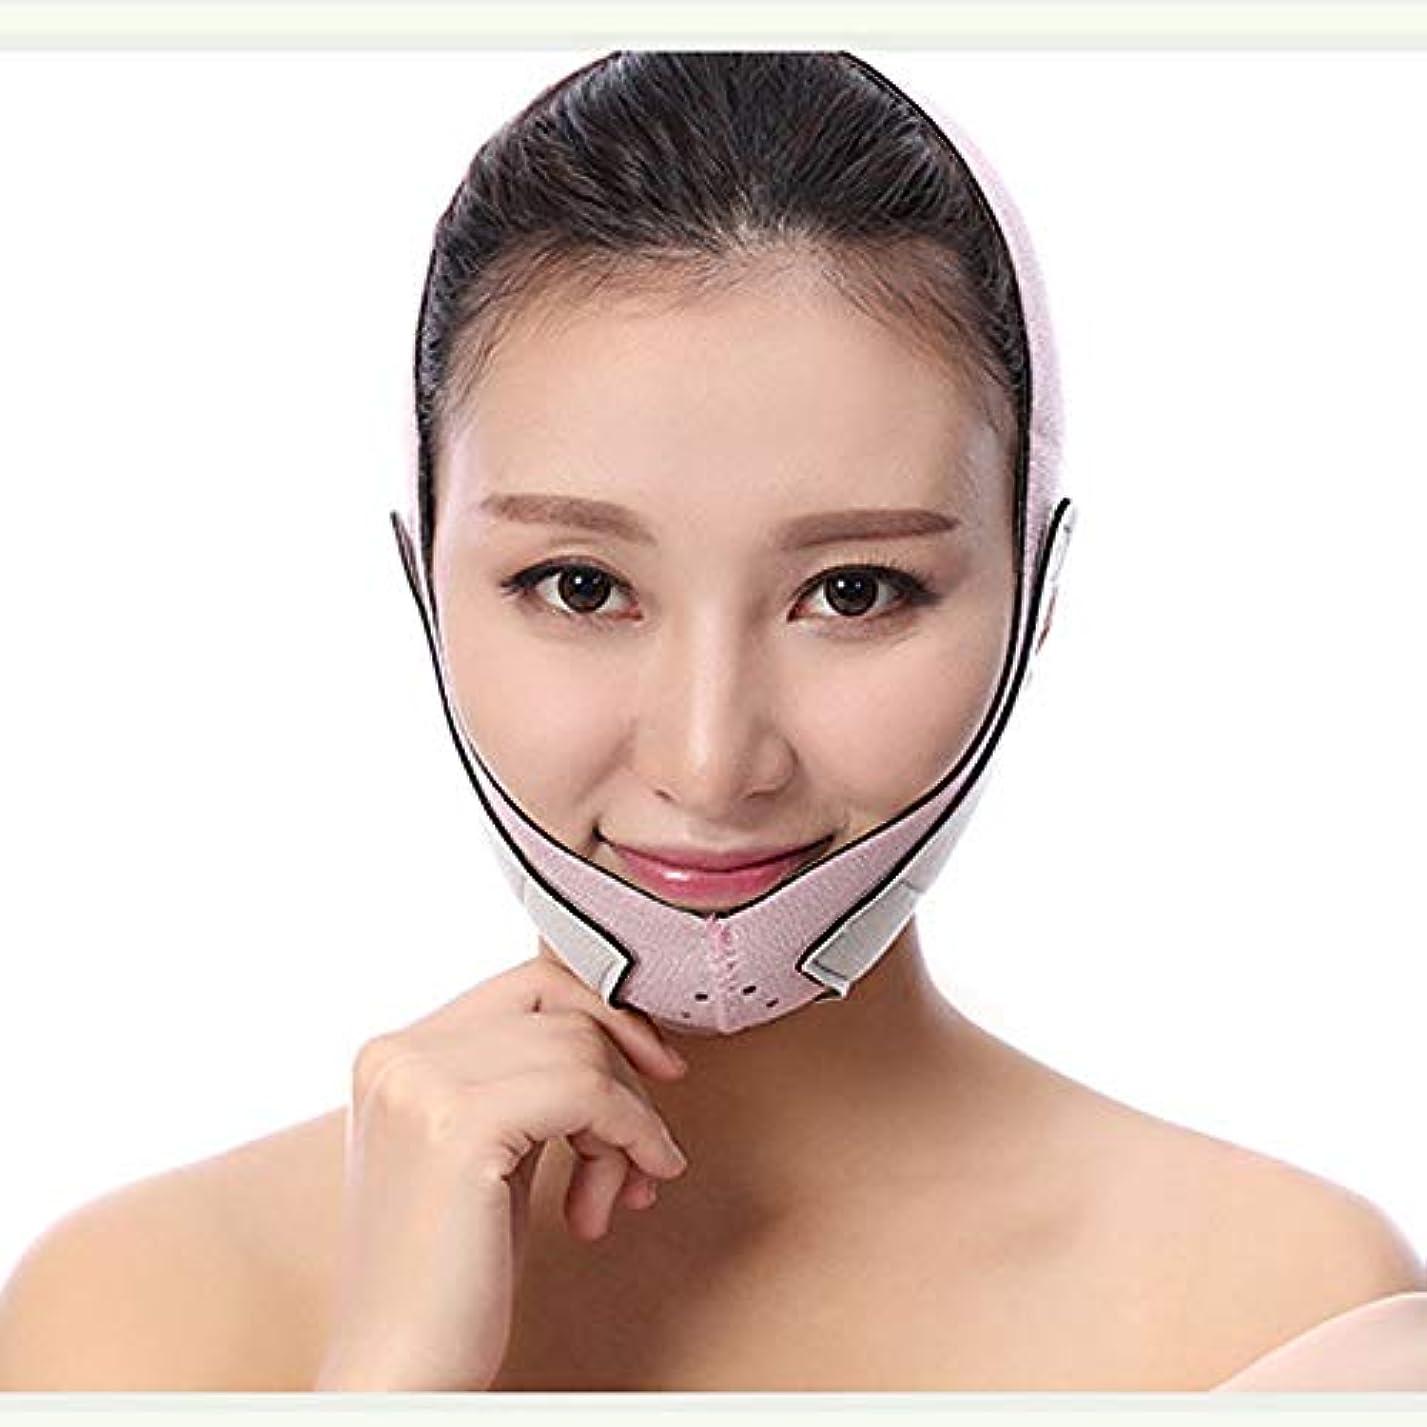 少なくとも要旨うるさいユニセックス薄型フェイス包帯、美容リフト引き締めサイズVフェイスダブルあご睡眠マスク(ピンク)